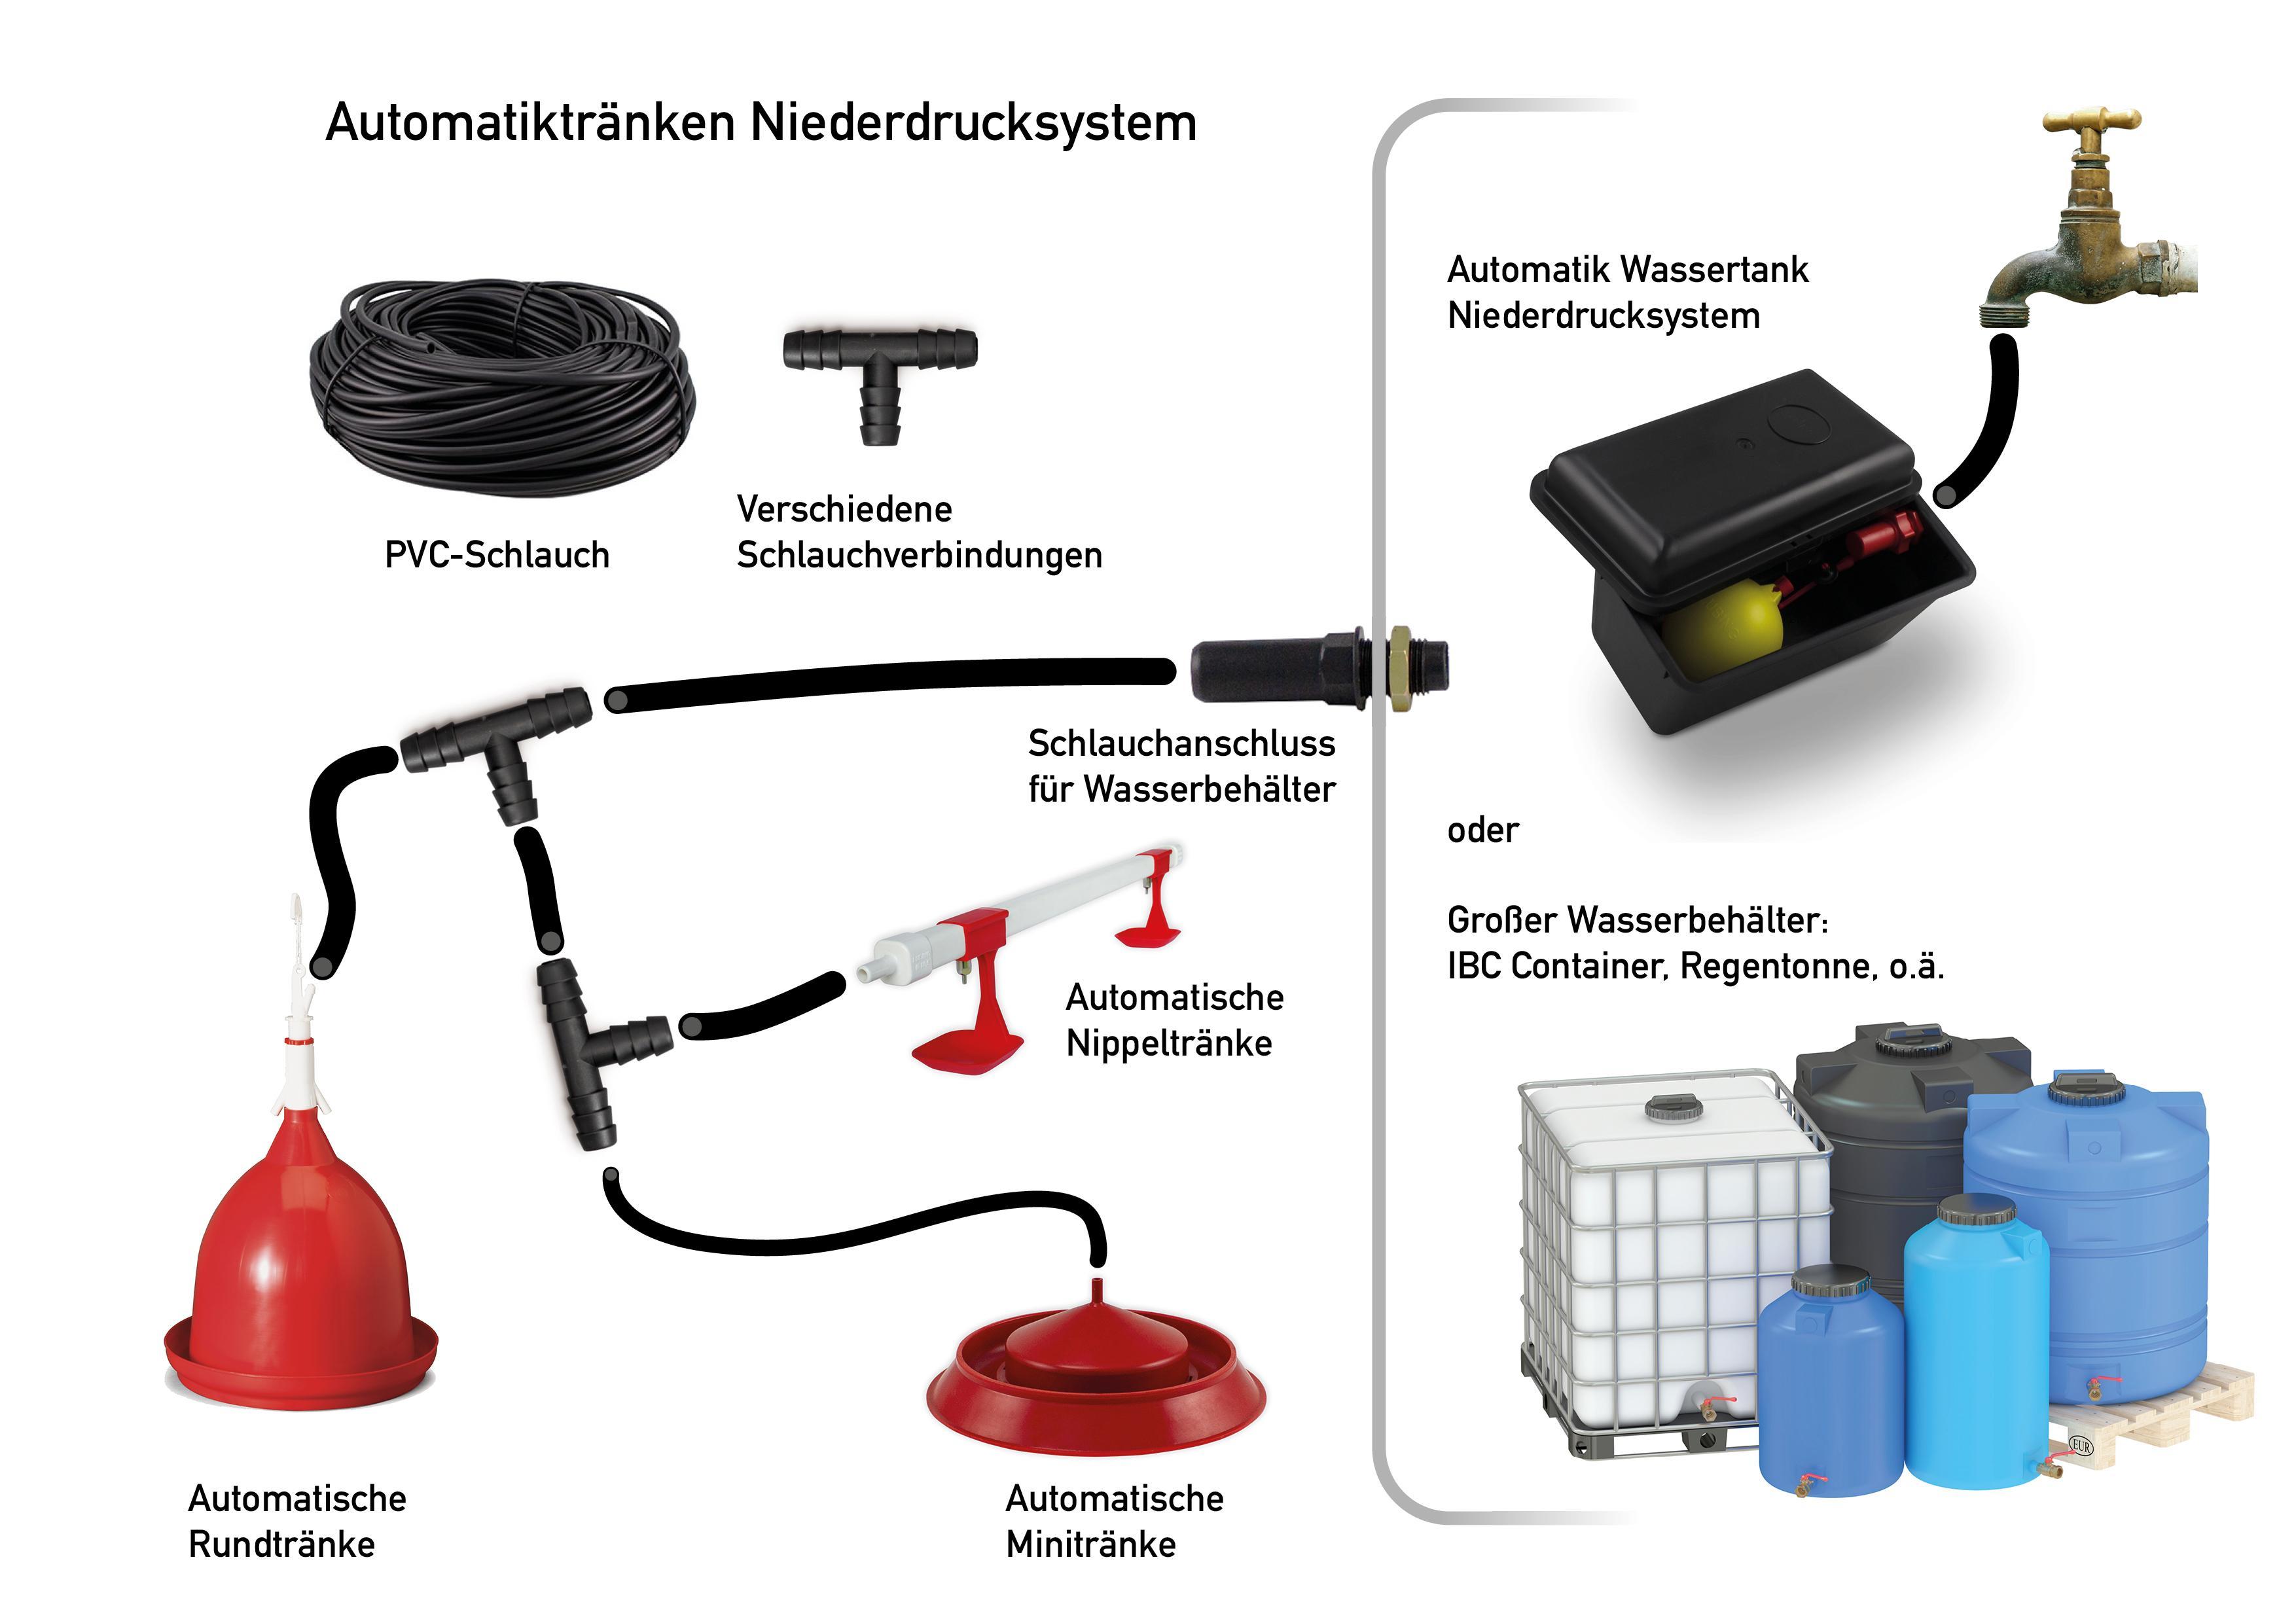 Automatiktranken_Niederdrucksystem